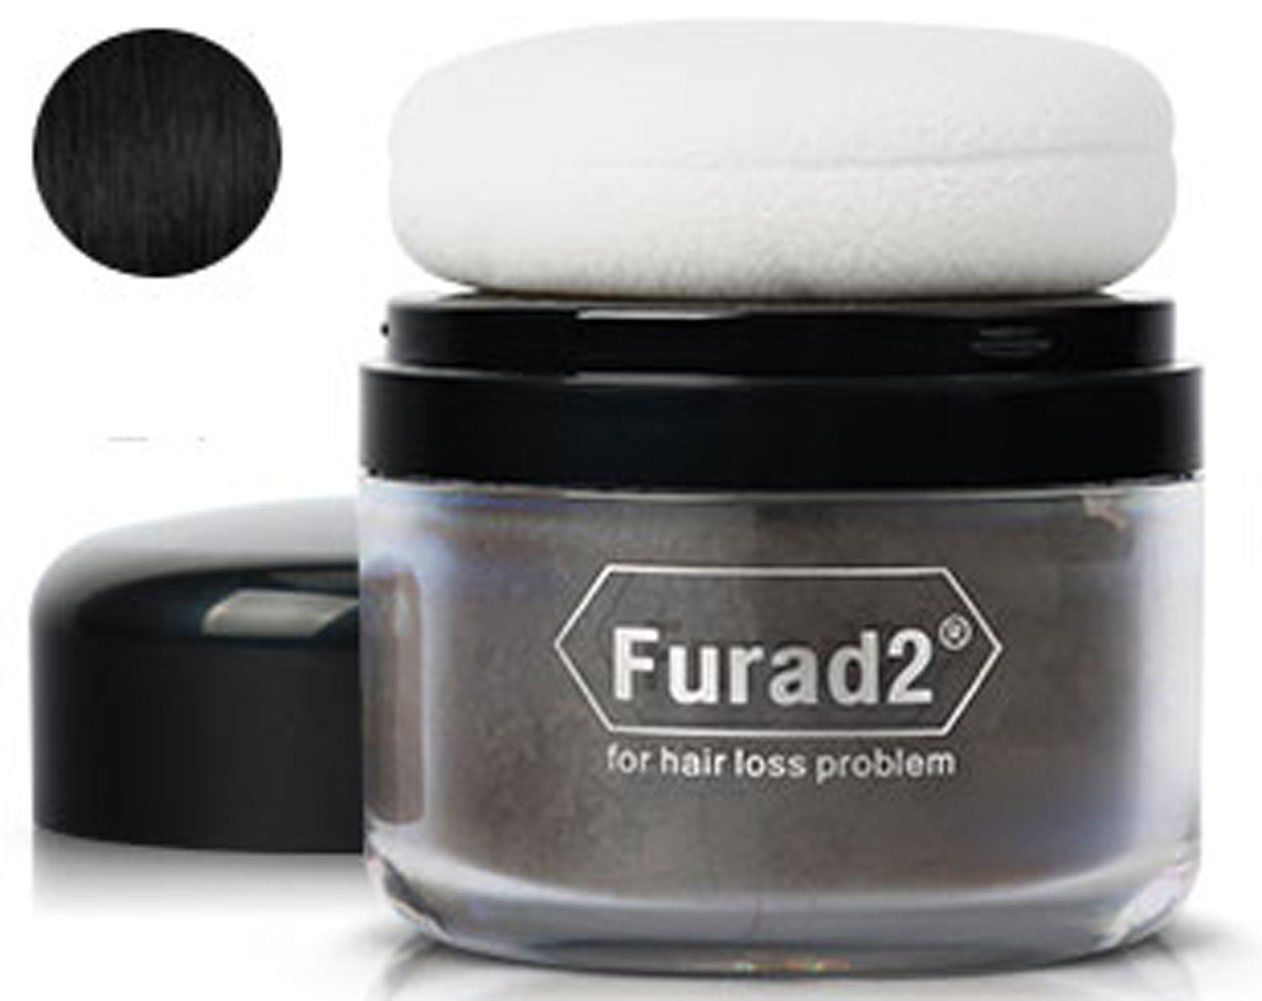 furad2 interal wide hair powder hair building fibers thinning hair